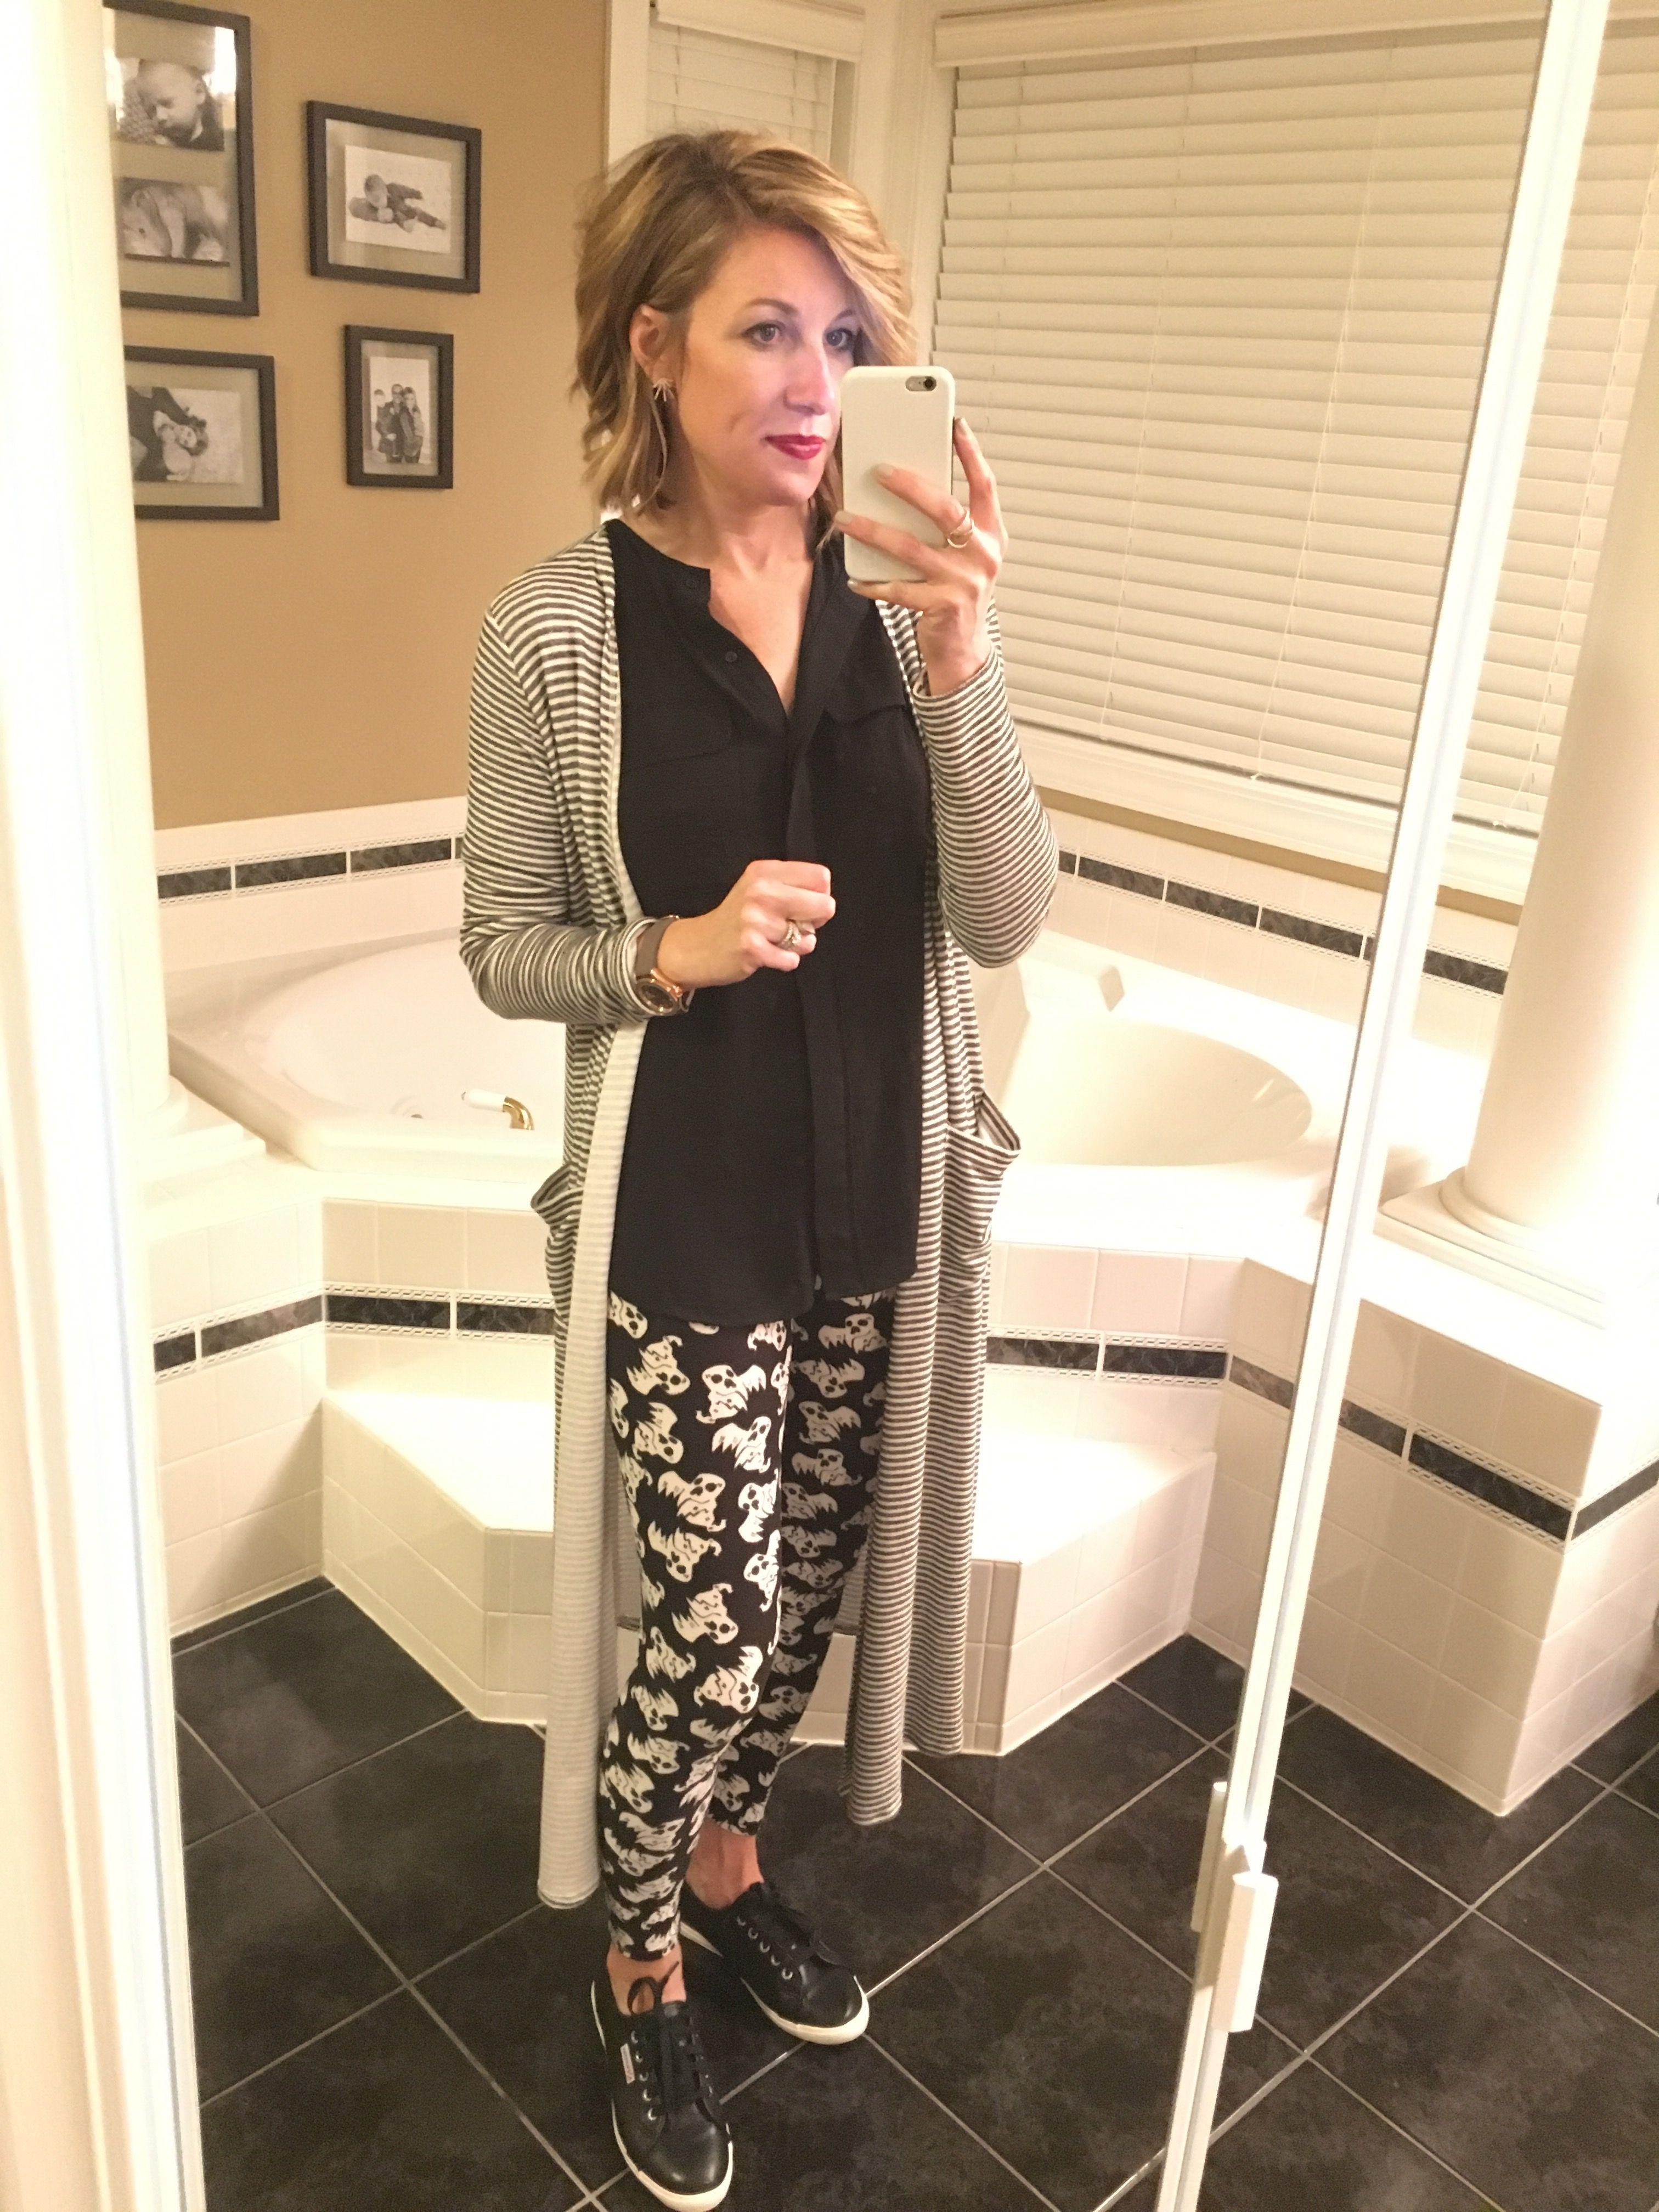 #Lularoe on repeat this weekend! #LularoeHalloweenLeggings #LularoeSarah #ToWitToWoo #MomBlogger #WIW